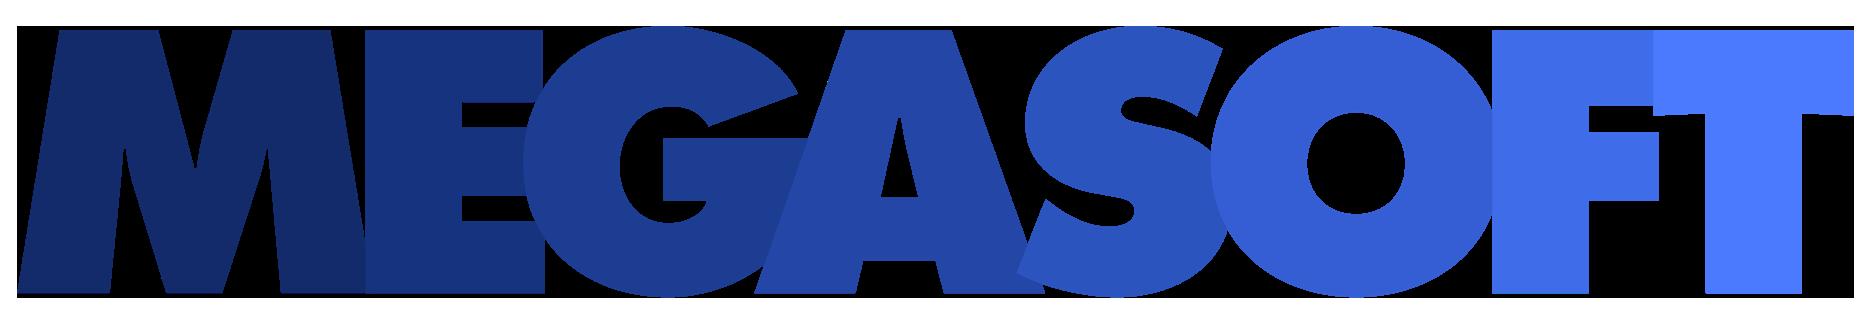 megasoft IT Logo